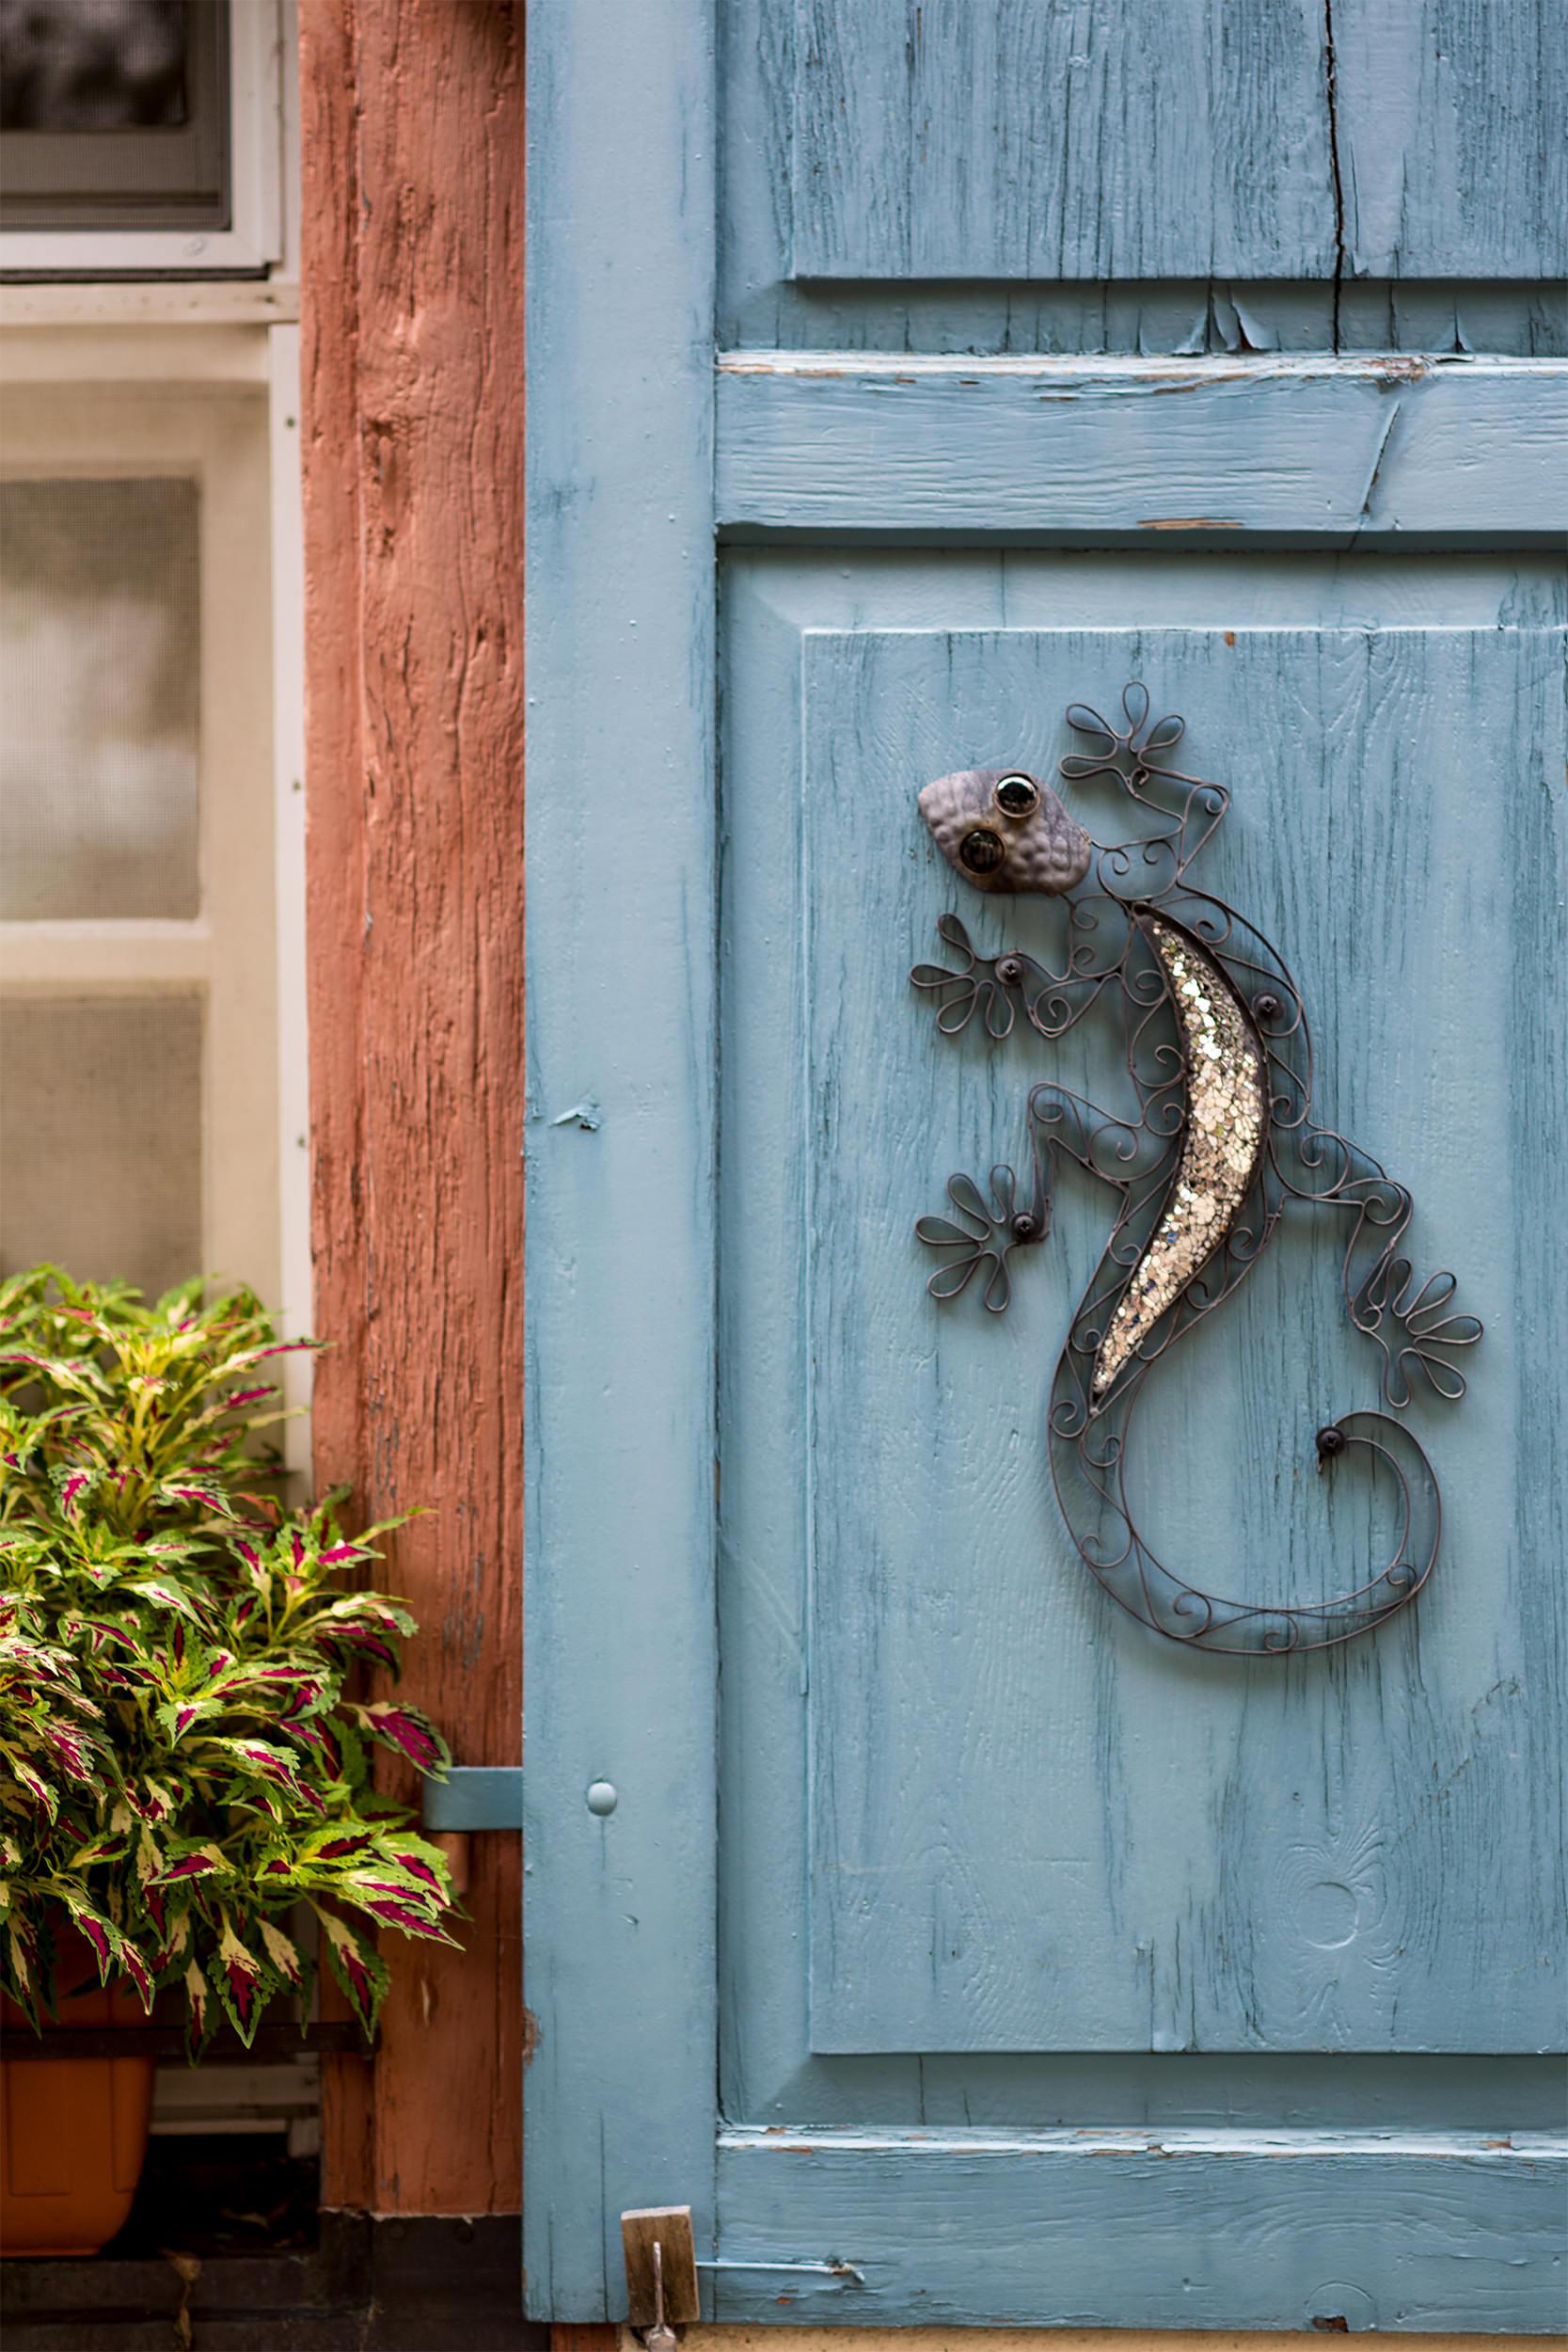 Ein Salamander aus Metall an einem Fensterladen.